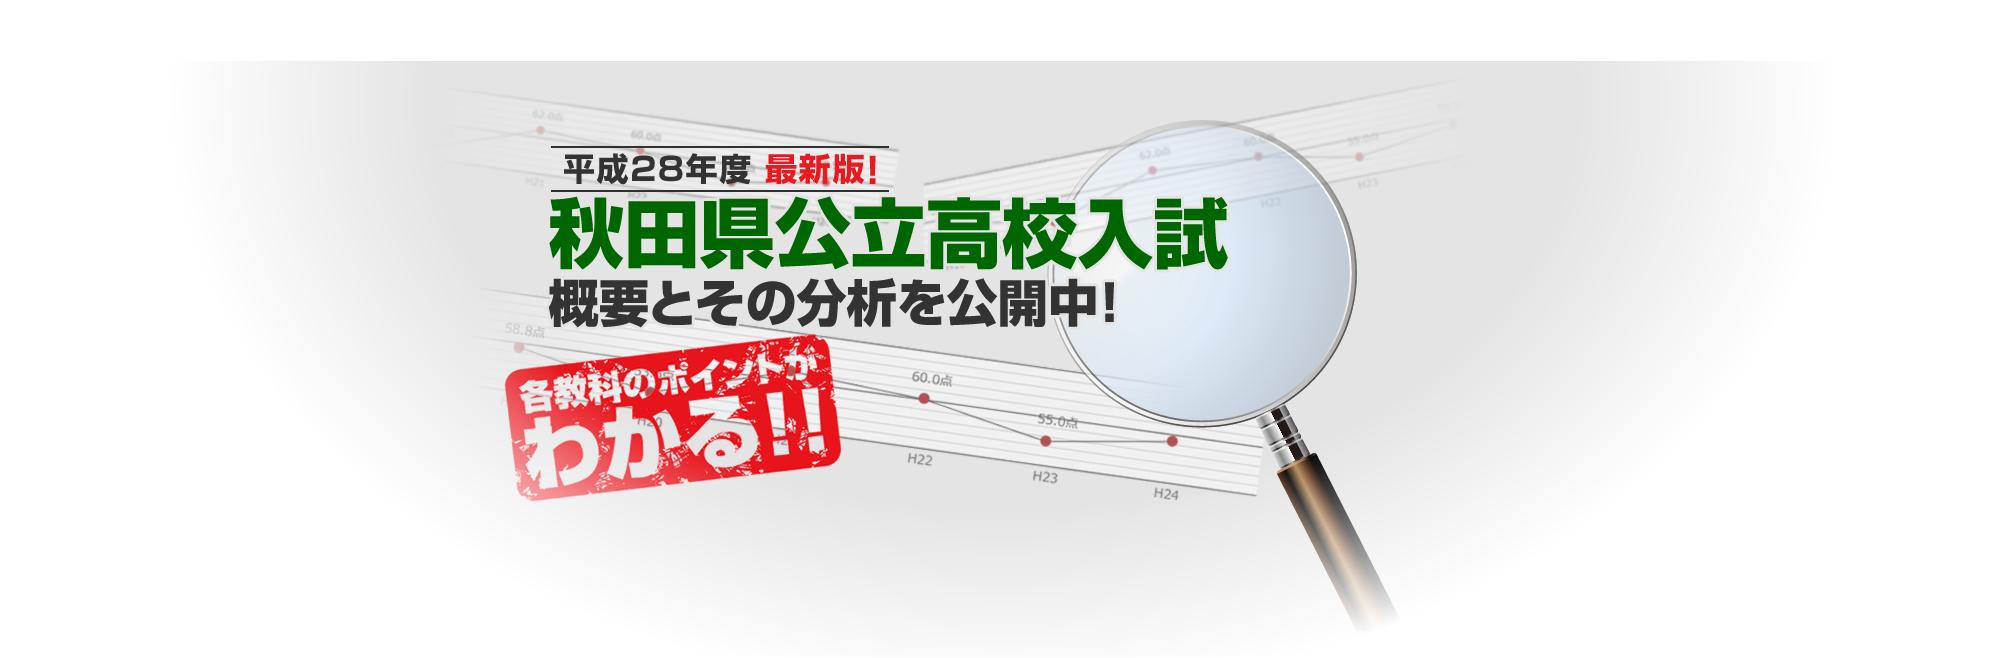 秋田県公立高校入試分析平成28年度